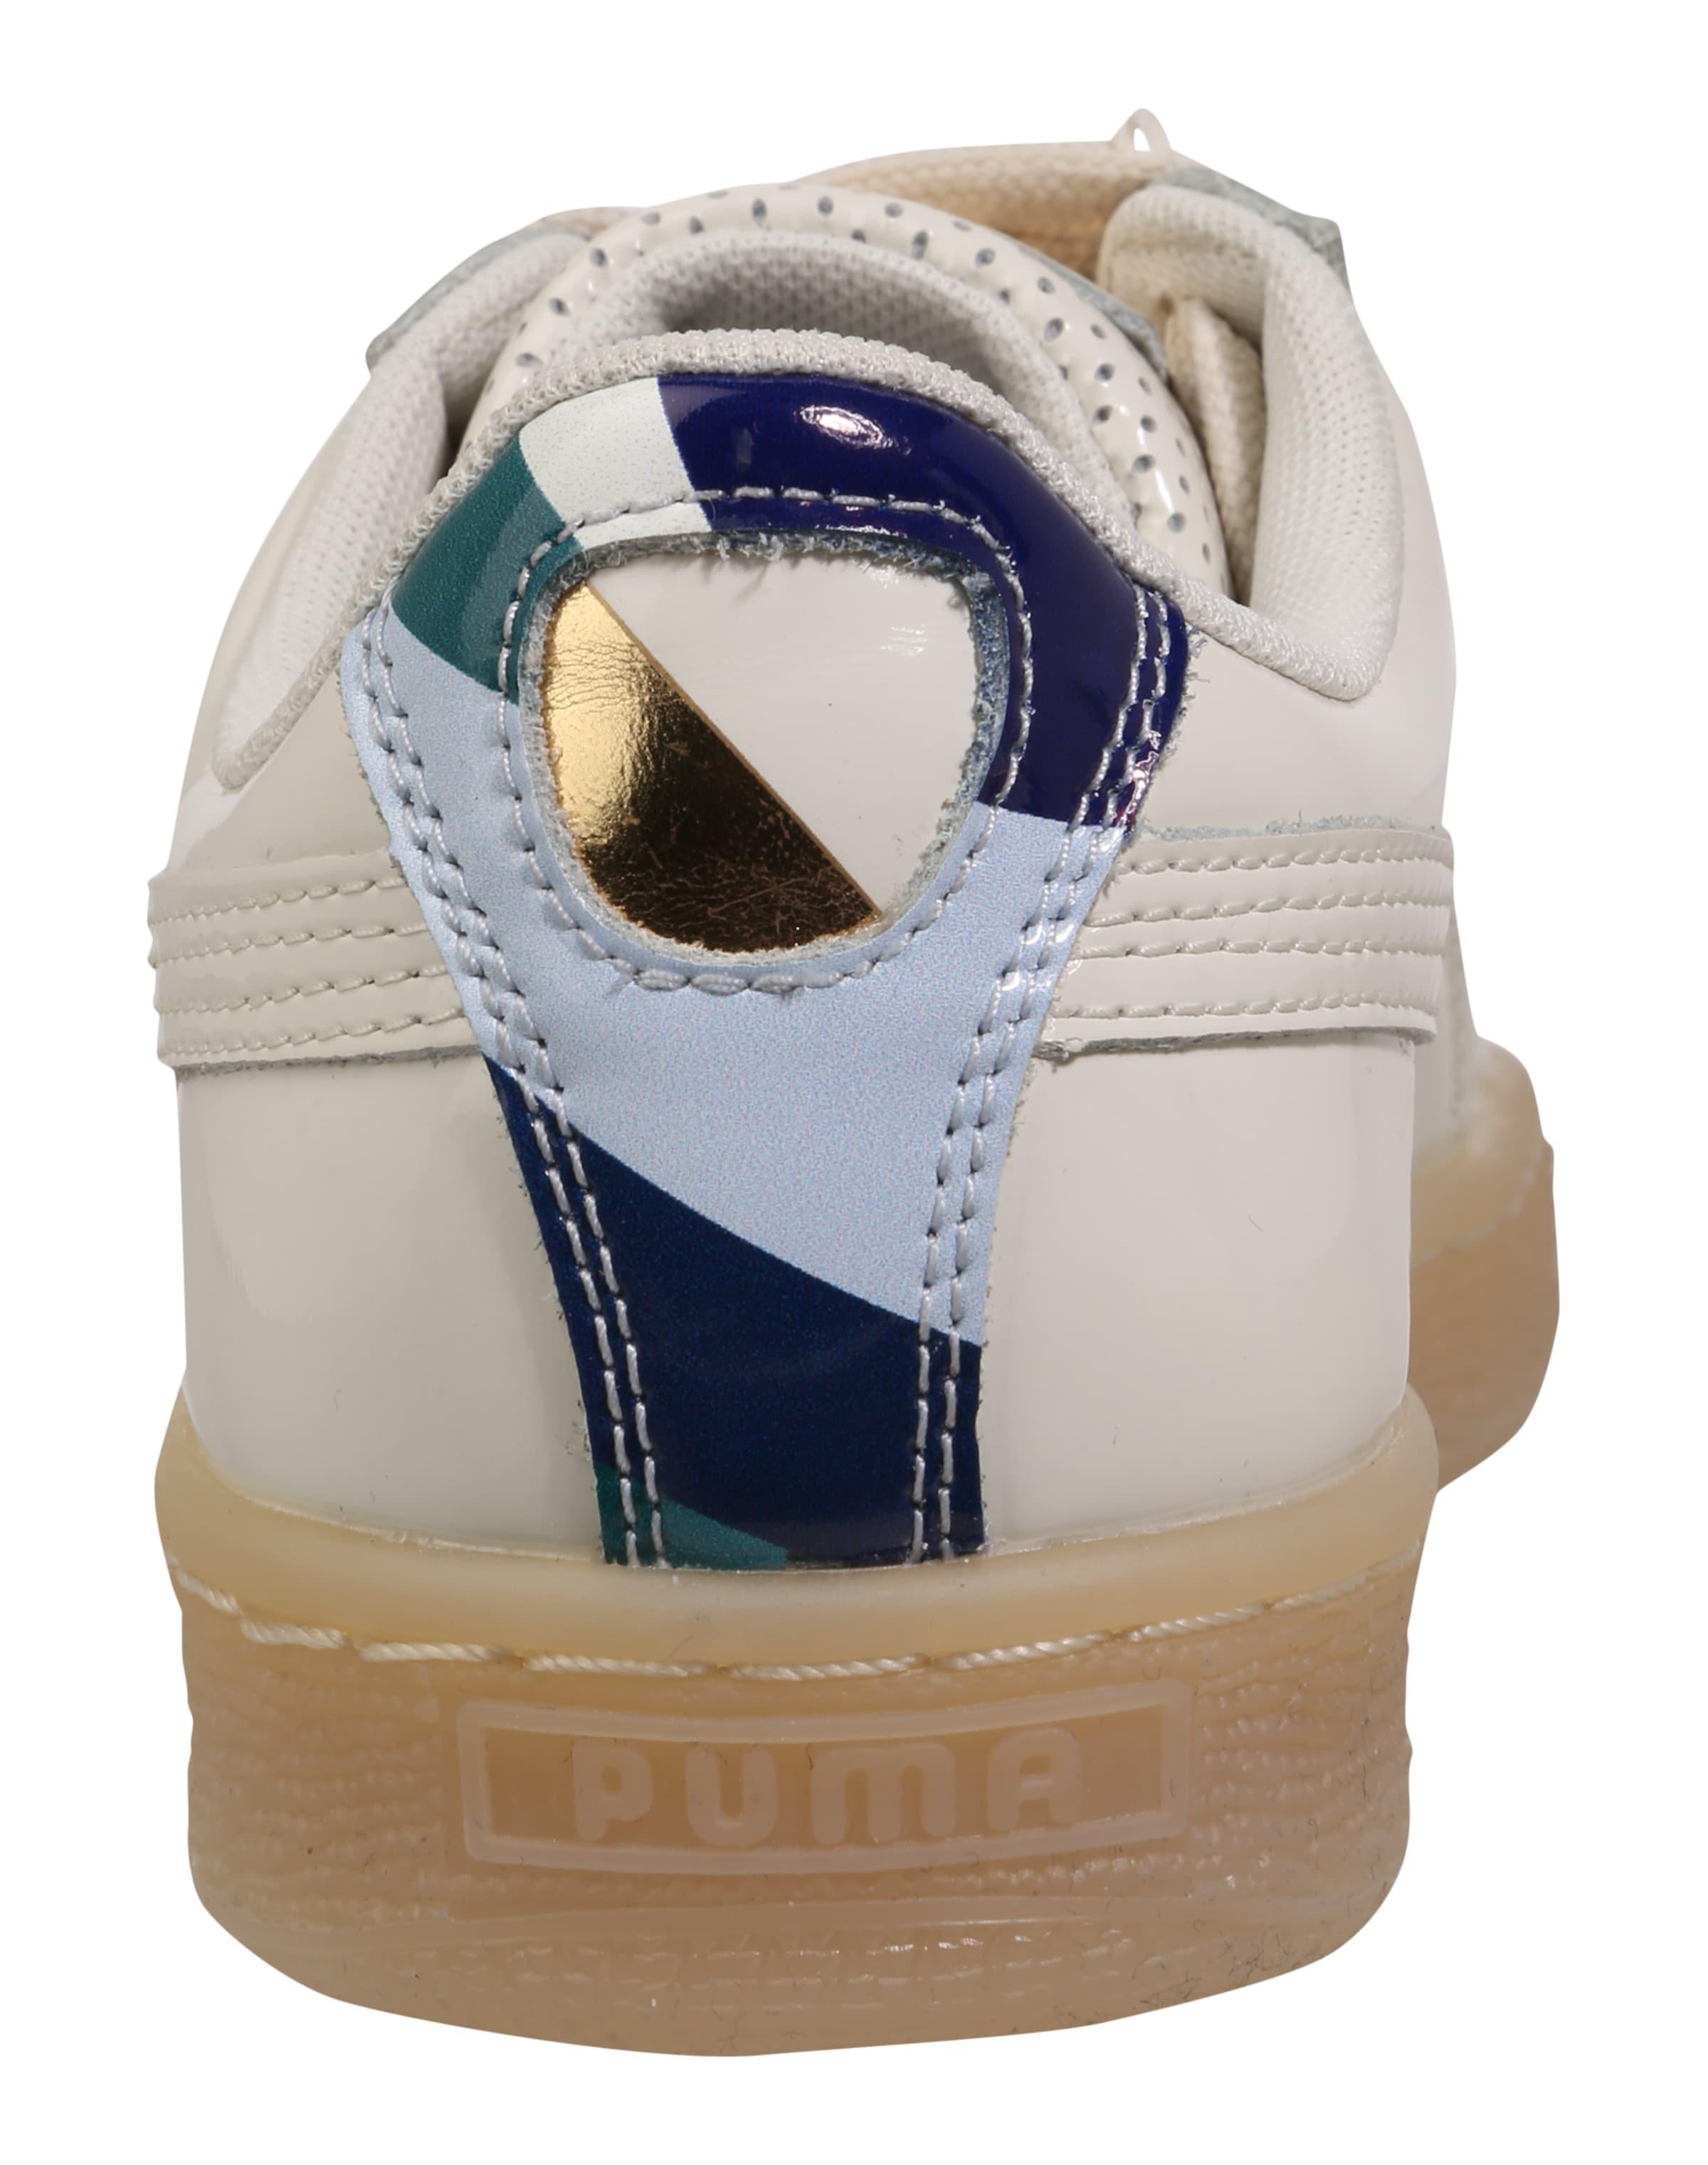 Basket' Laag Crème Puma In 'careaux Sneakers aATwqptxq